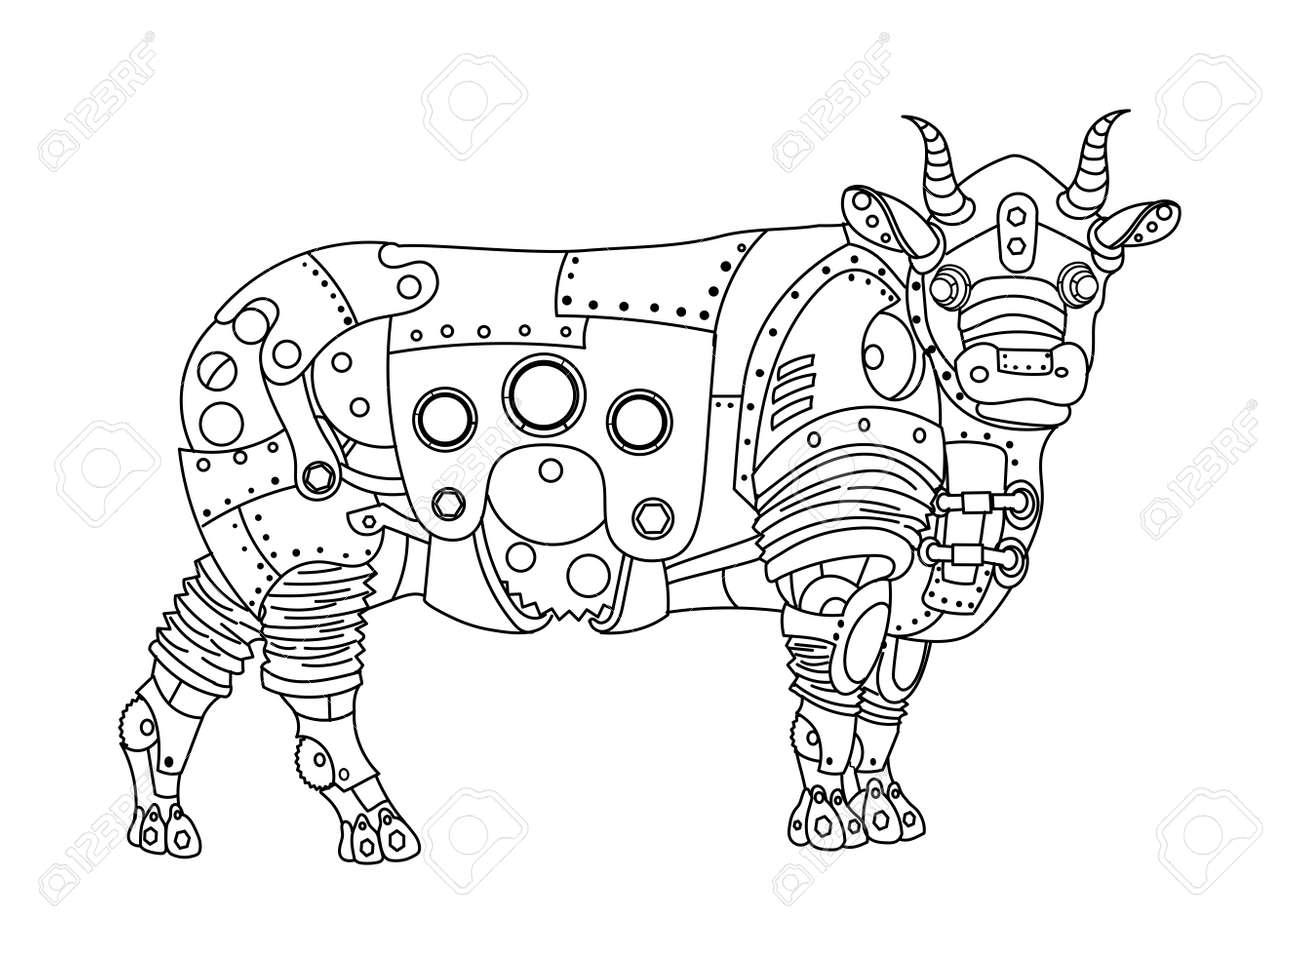 スチーム パンクなスタイルの牛機械動物大人のベクトル イラストの